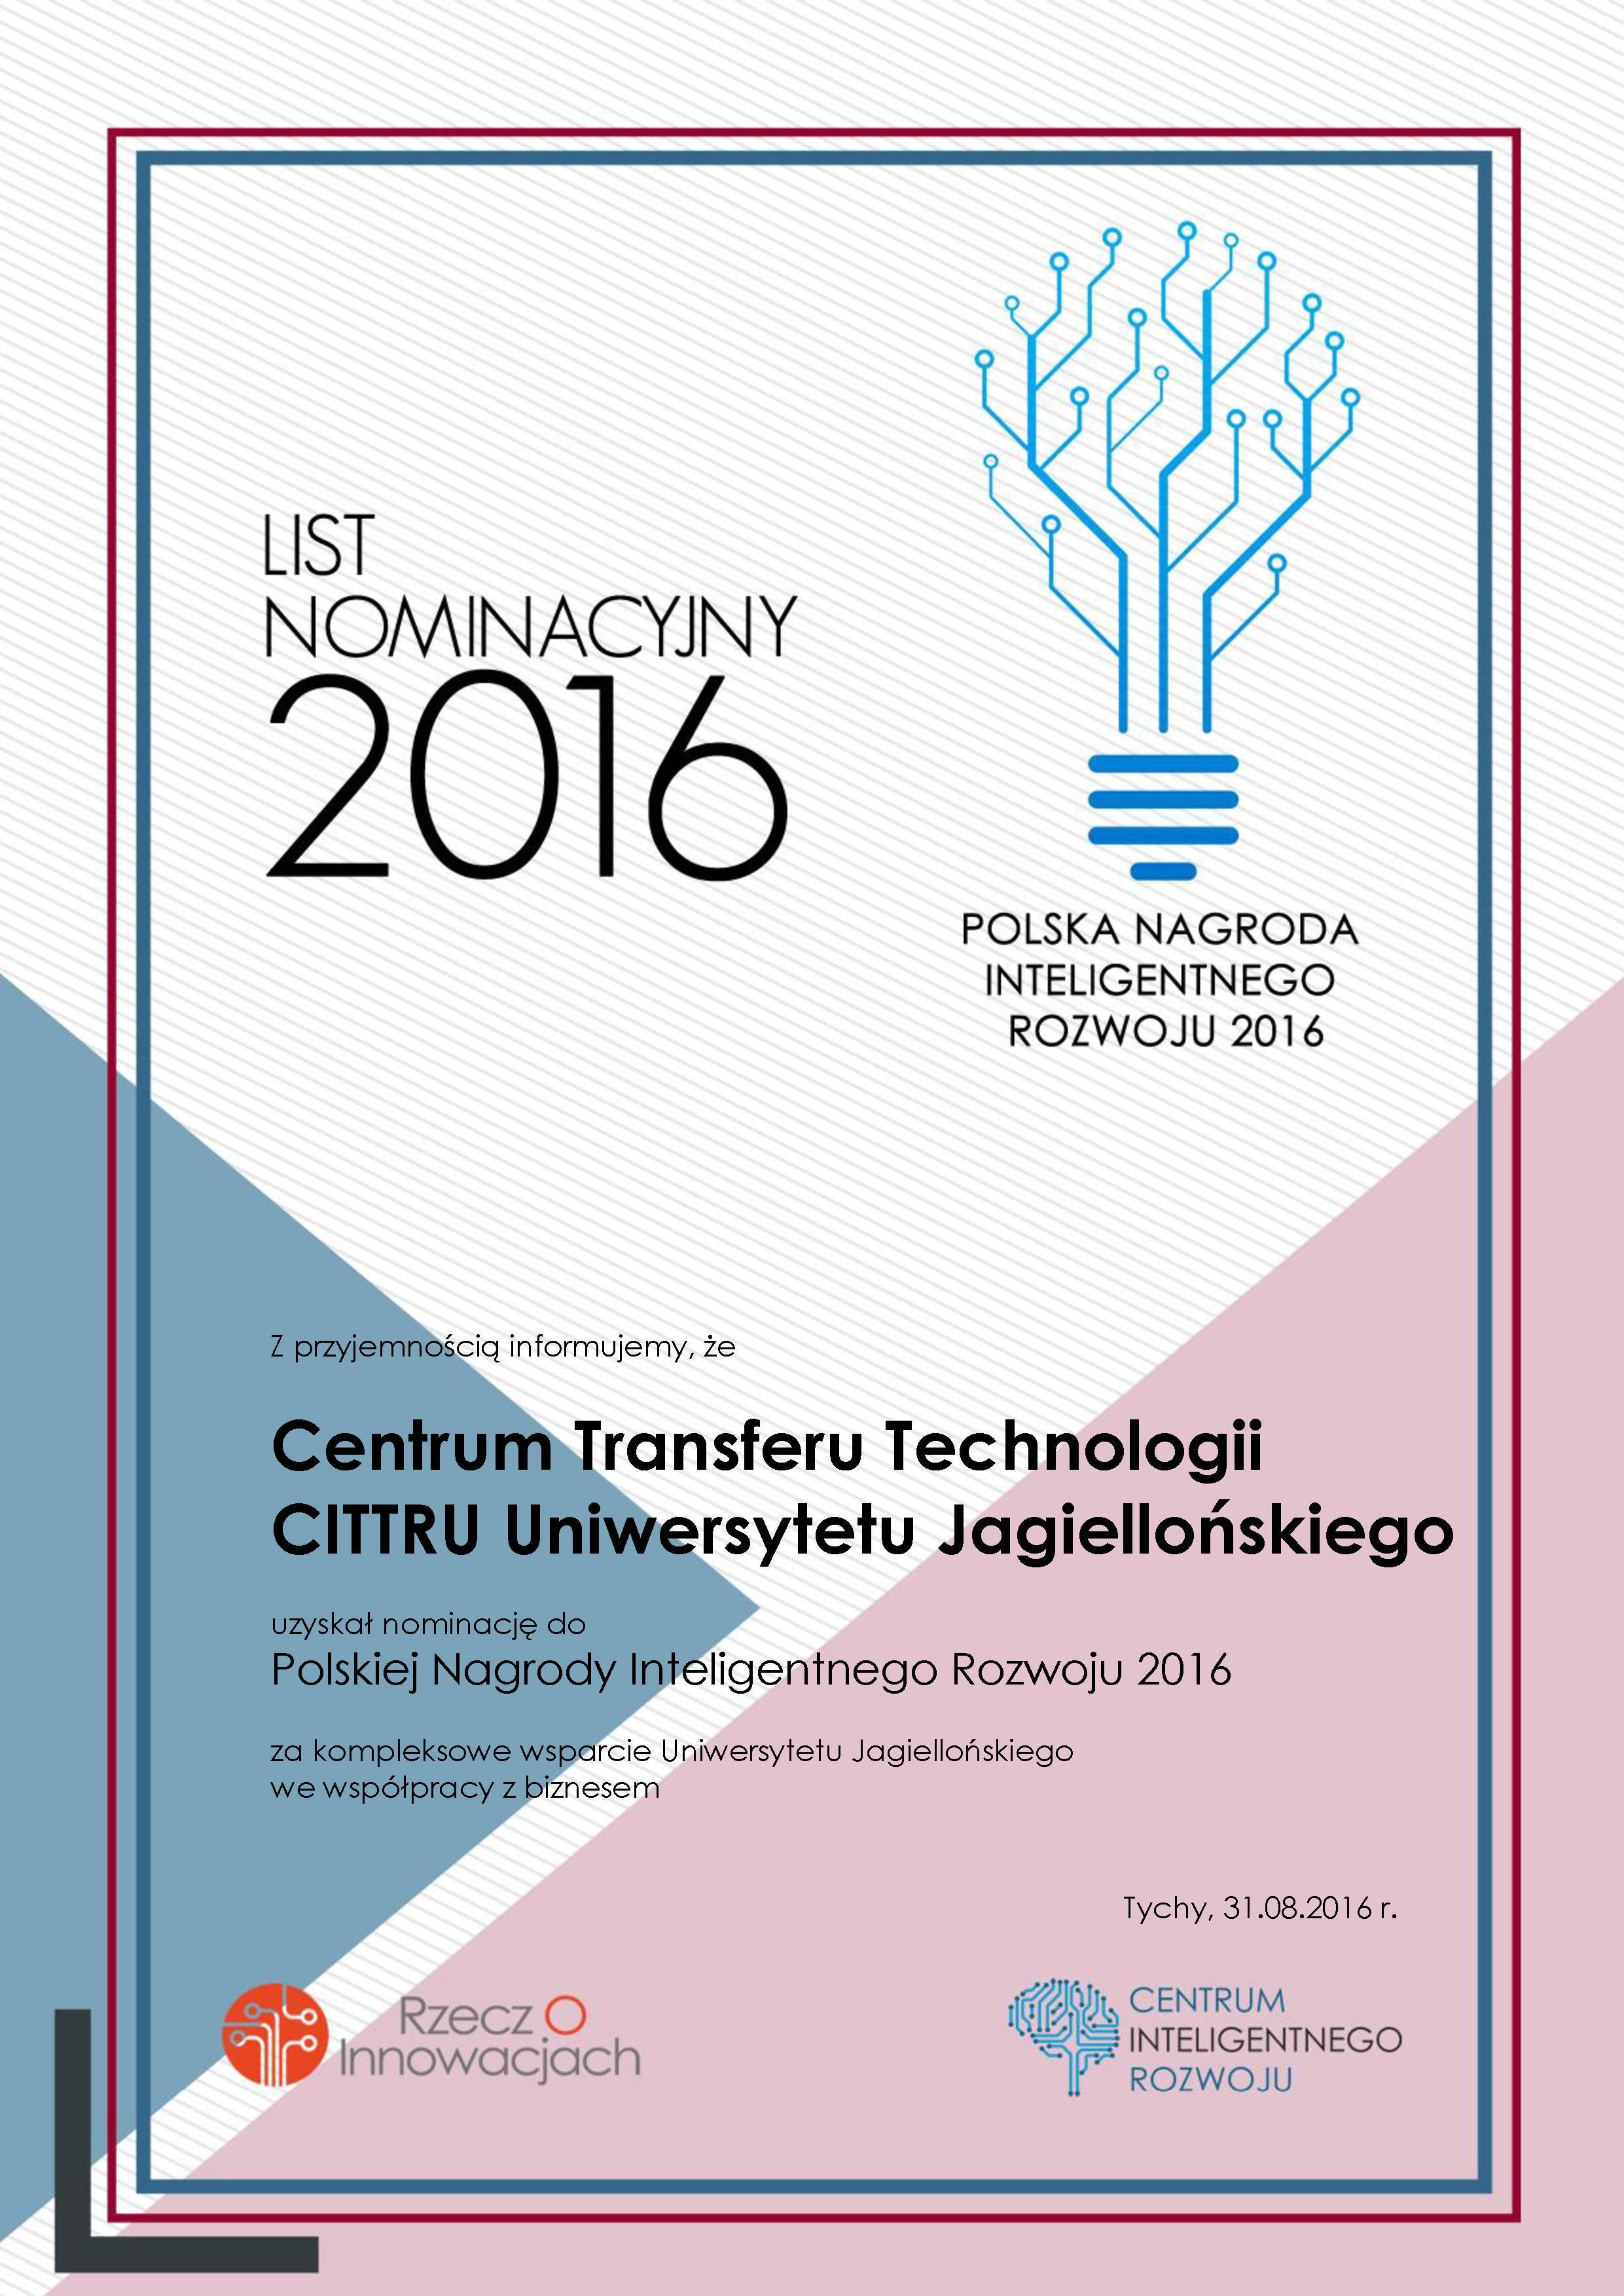 LIsto nominacyjny 2016